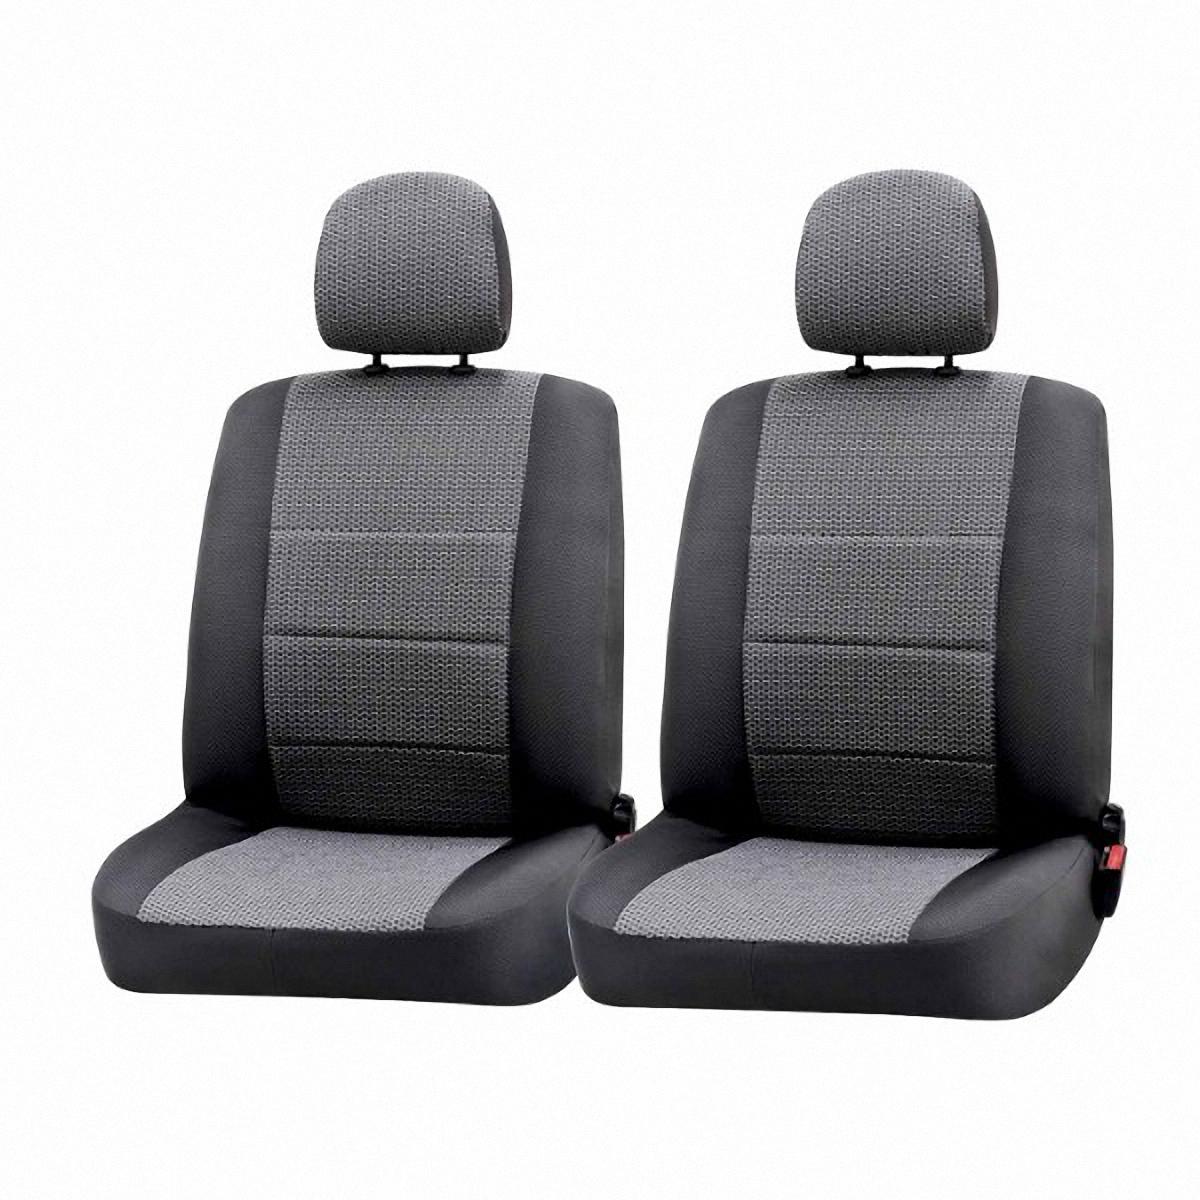 Чехол на сиденье Skyway Mitsubishi ASX. Mts1-2 чехол на сиденье skyway toyota corolla седан ty1 2k